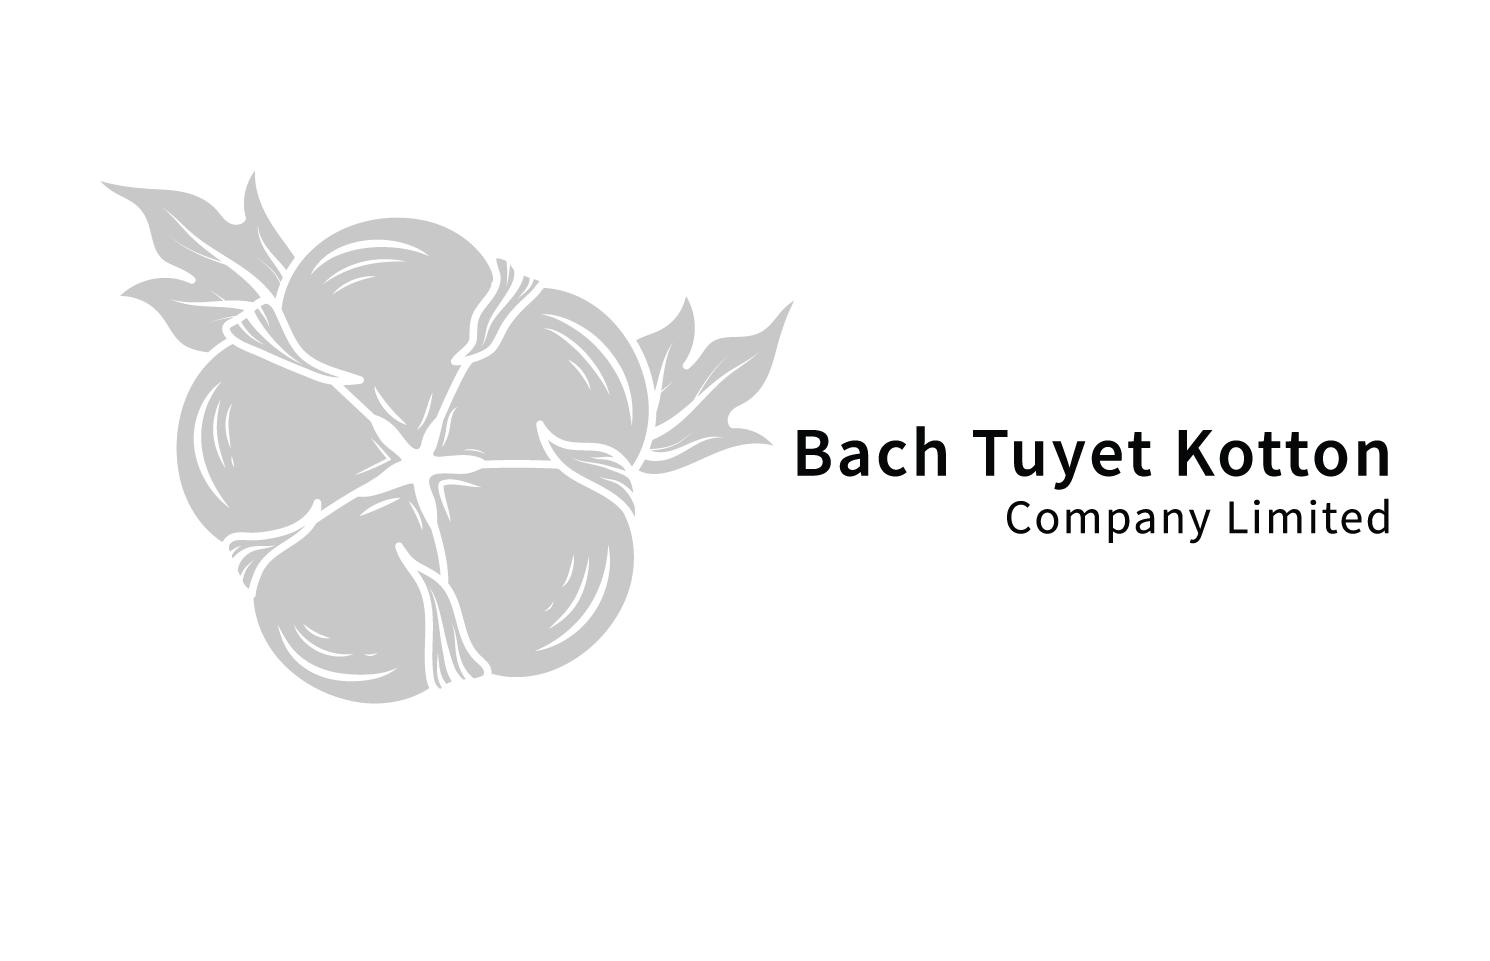 Thành lập Công ty Trách nhiệm hữu hạn Một Thành Viên Bạch Tuyết Kotton